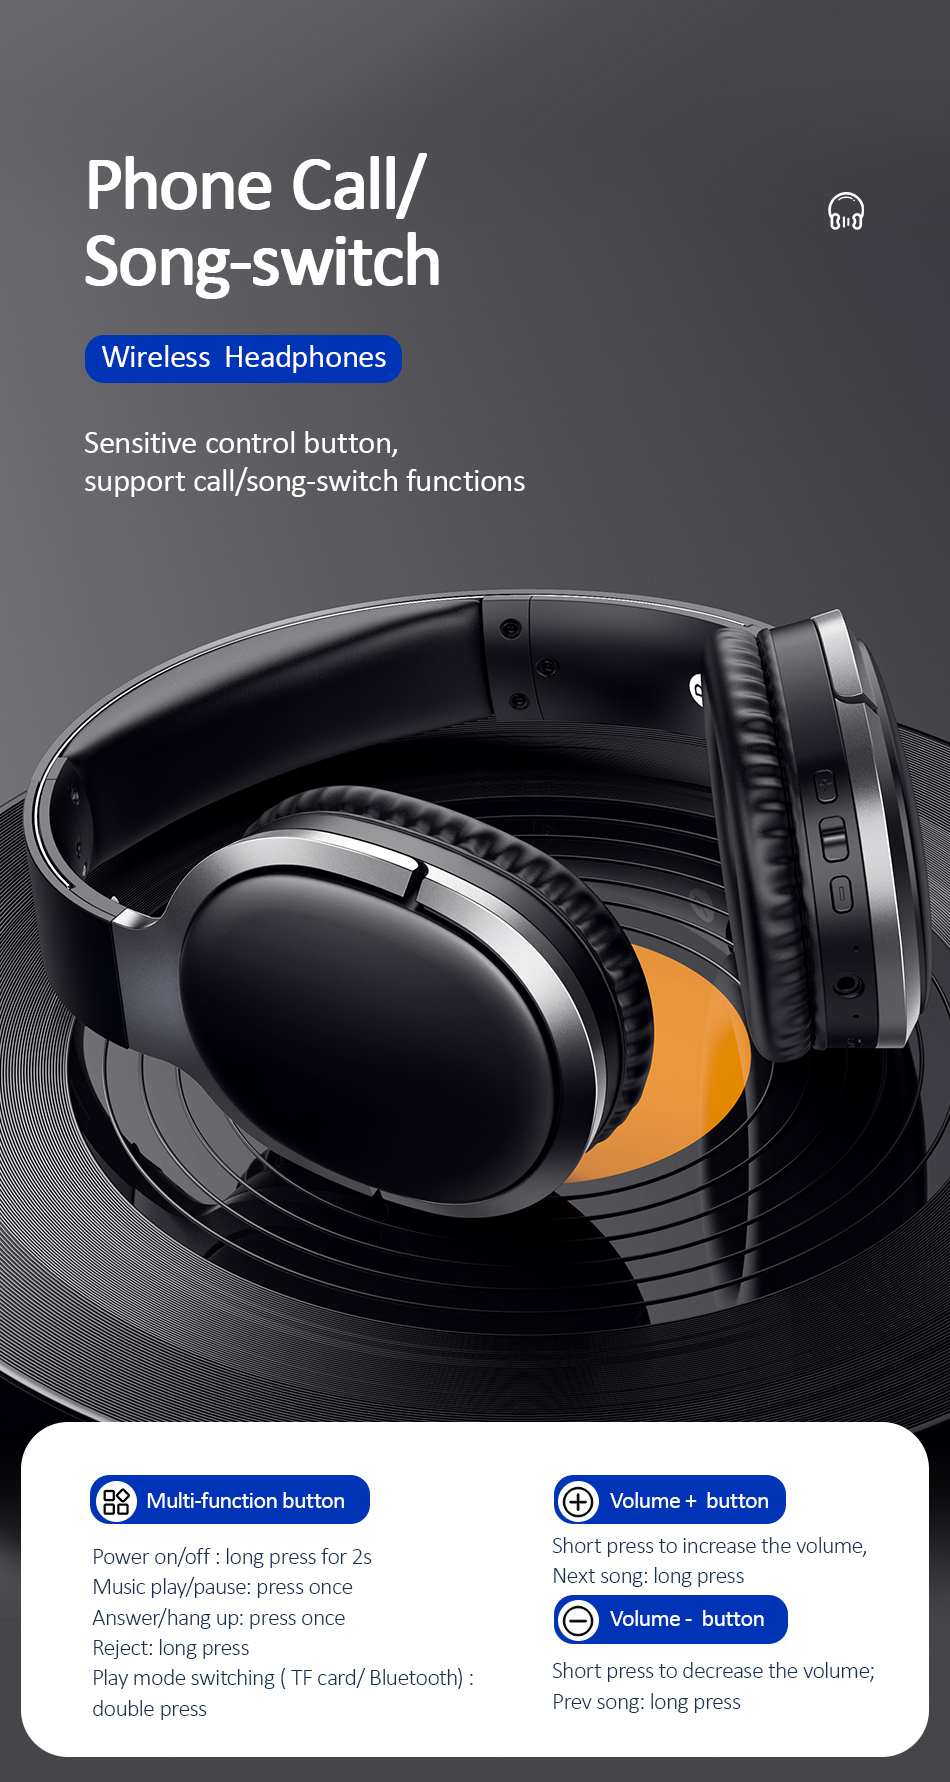 US-YN001-头戴蓝牙耳机-韵朗系列-950px_11